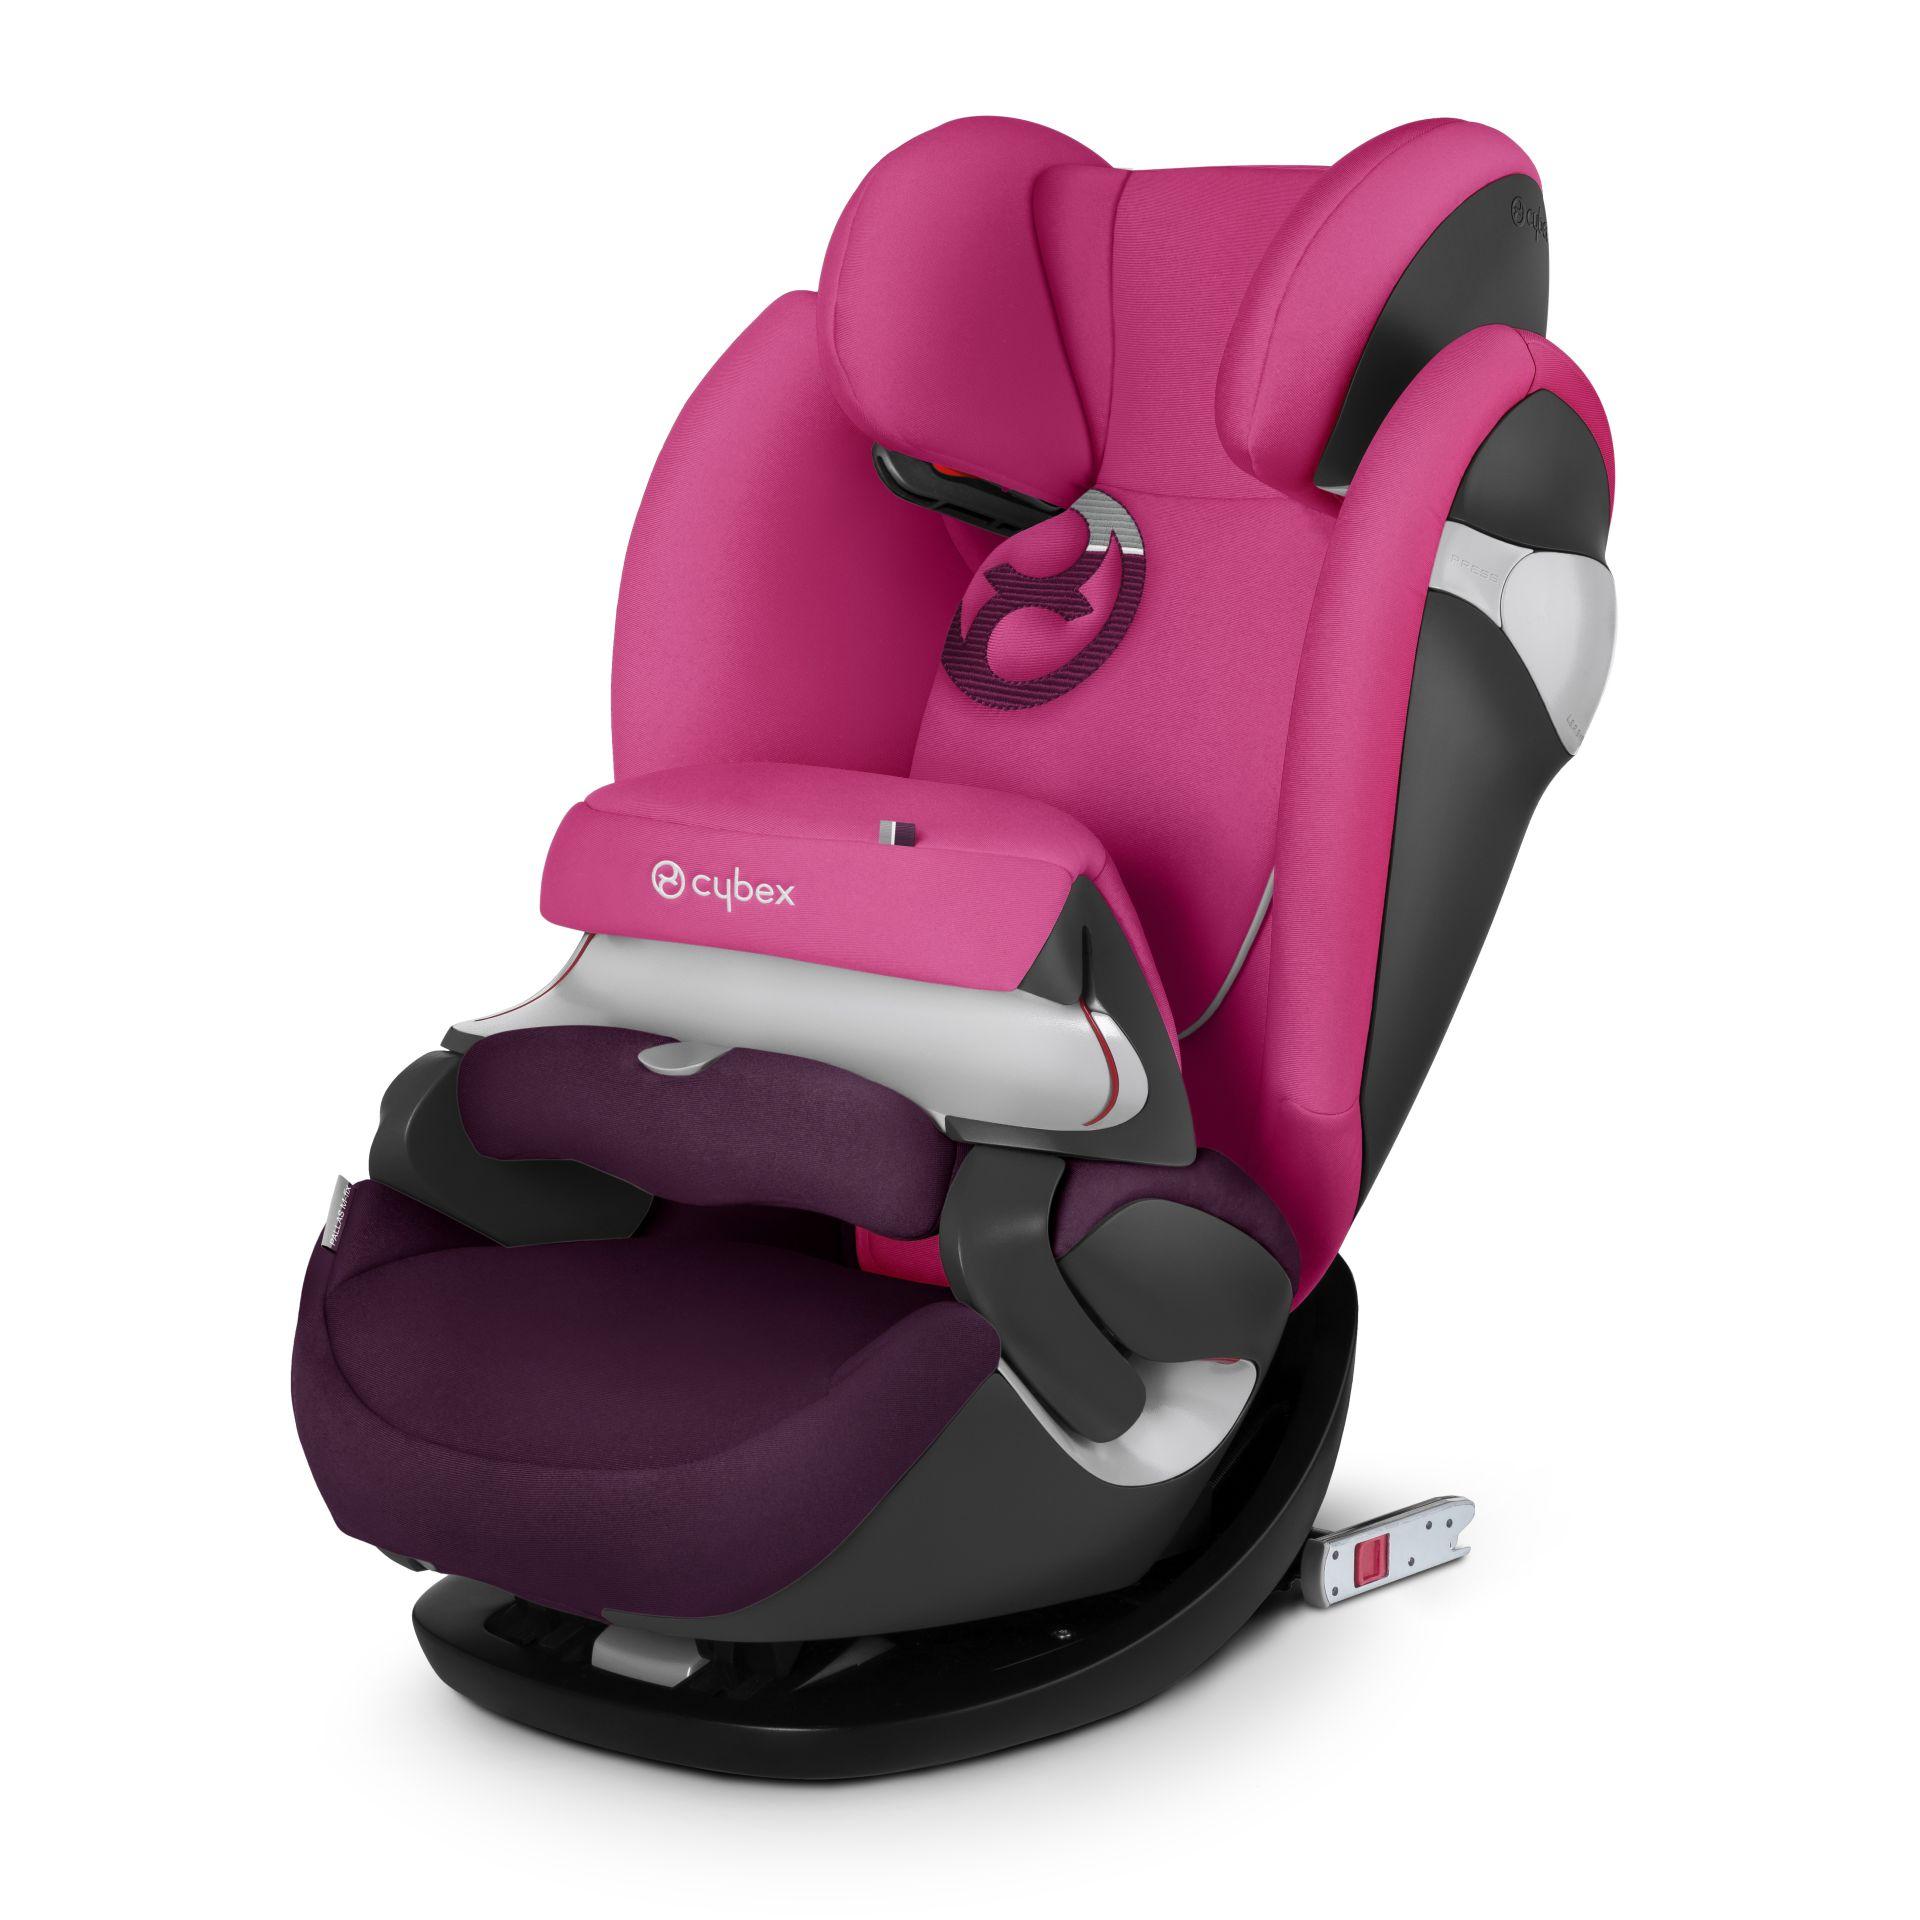 cybex child car seat pallas m fix 2017 mystic pink purple buy at kidsroom car seats